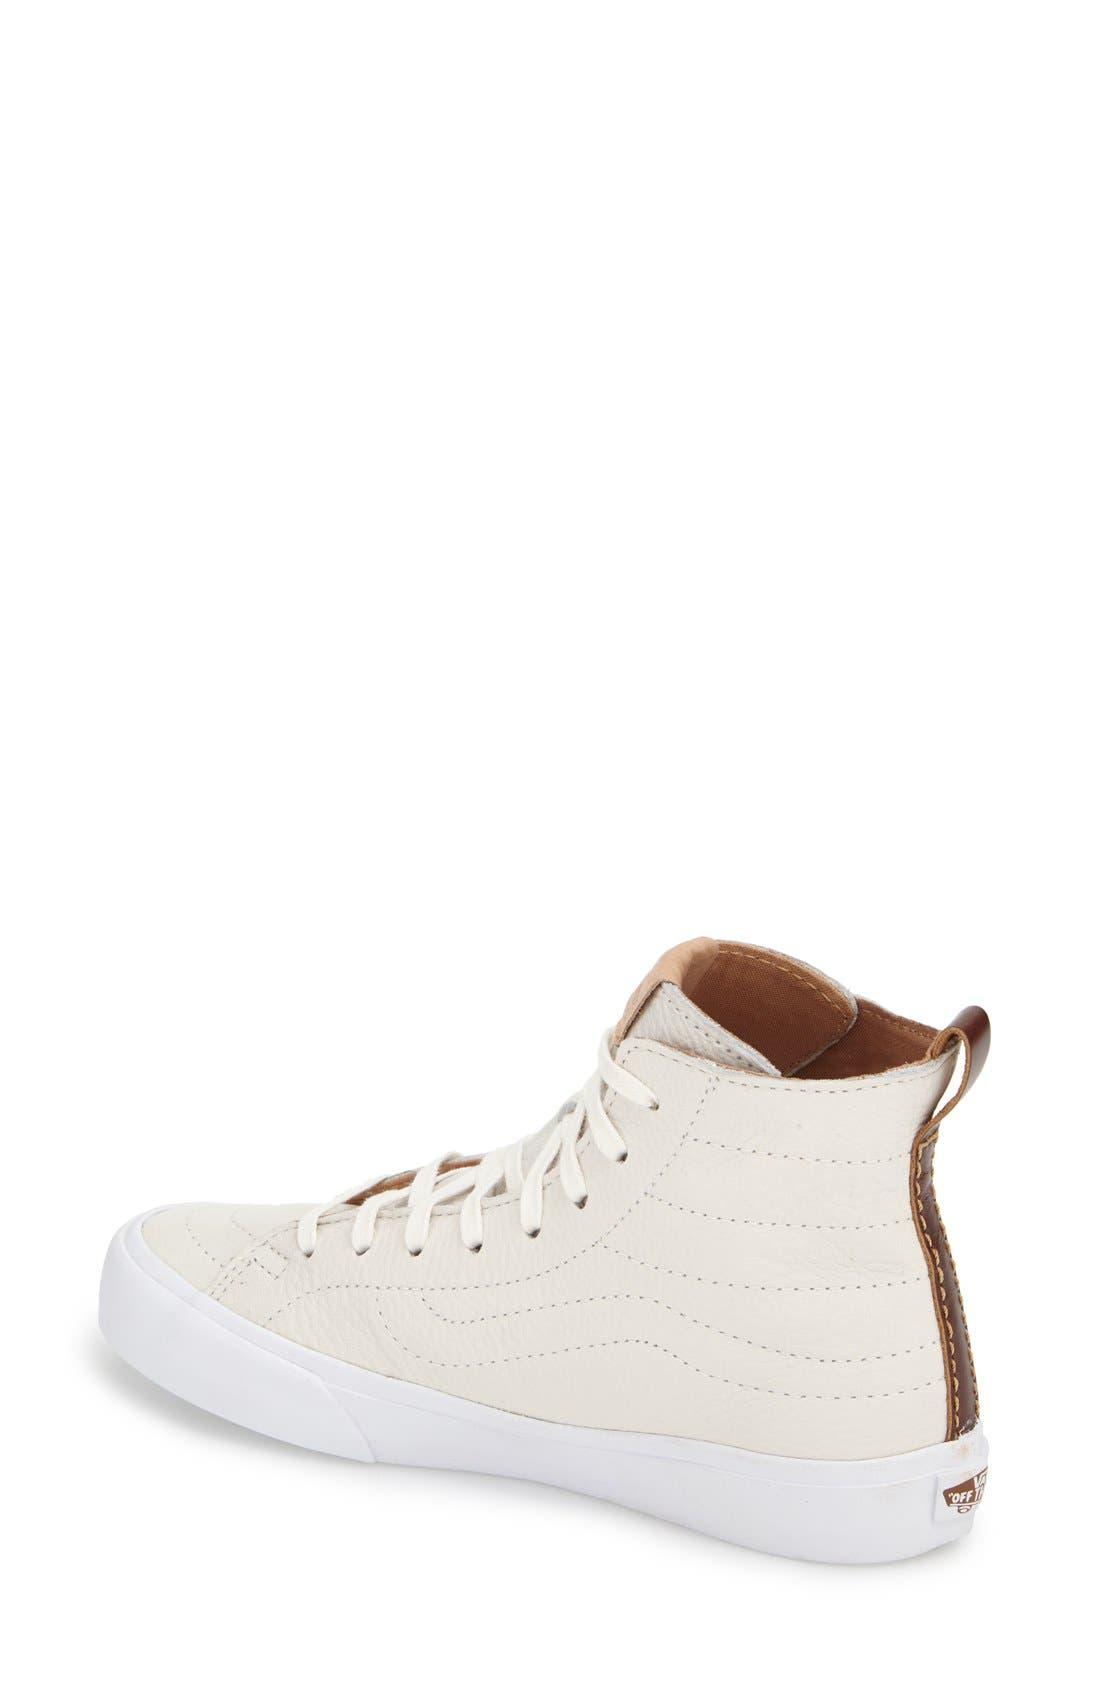 Alternate Image 2  - Vans 'Sk8-Hi - Decon' Sneaker (Women)